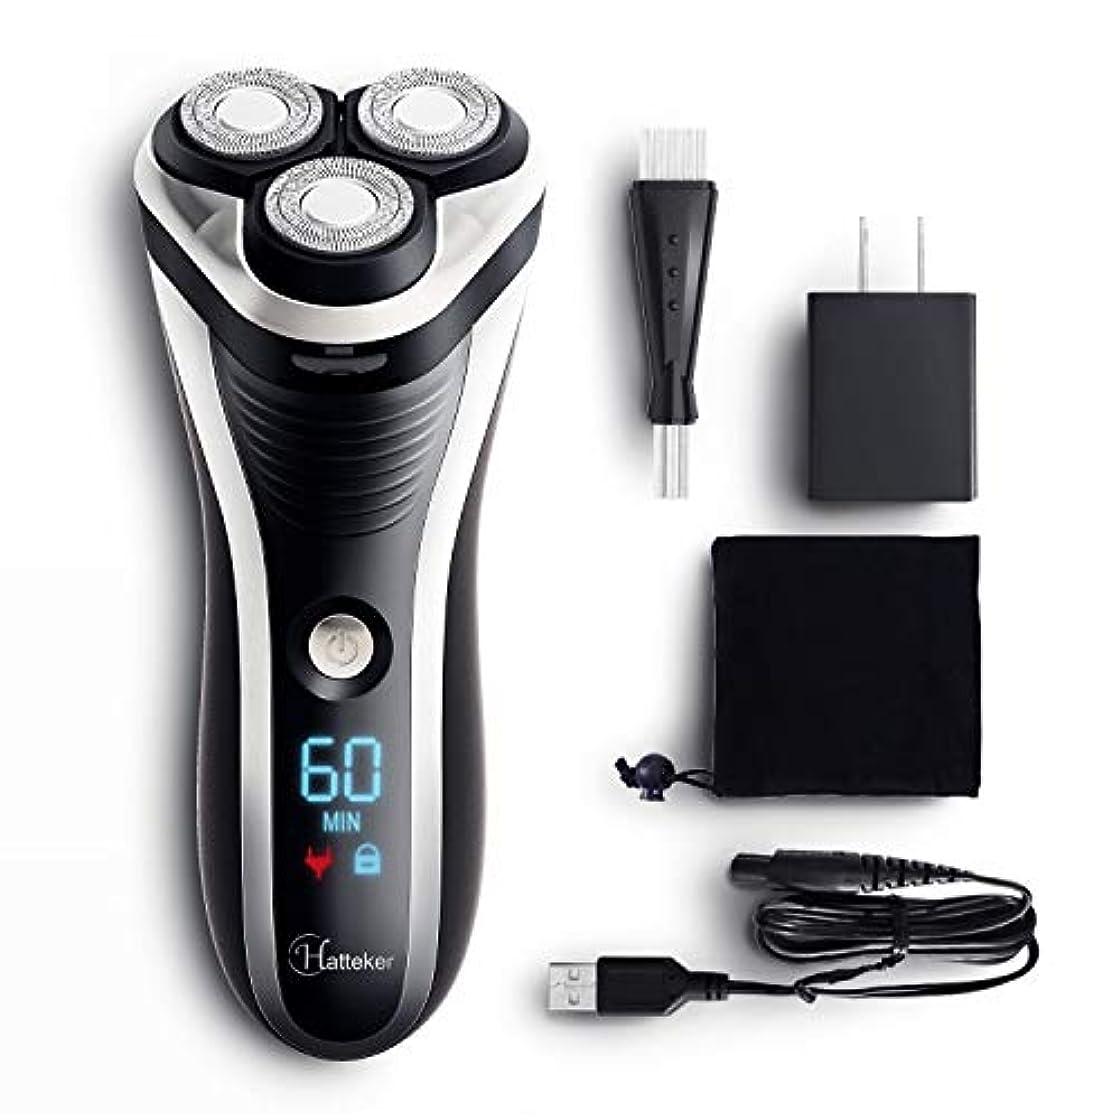 爪同様の合金HATTEKER 電気シェーバー 髭剃り メンズ シェイバー ひげそり 回転式 もみあげ 水洗いOK ウエット·ドライ剃り USB充電式· 交流式 LEDディスプレイ(一年間保証)